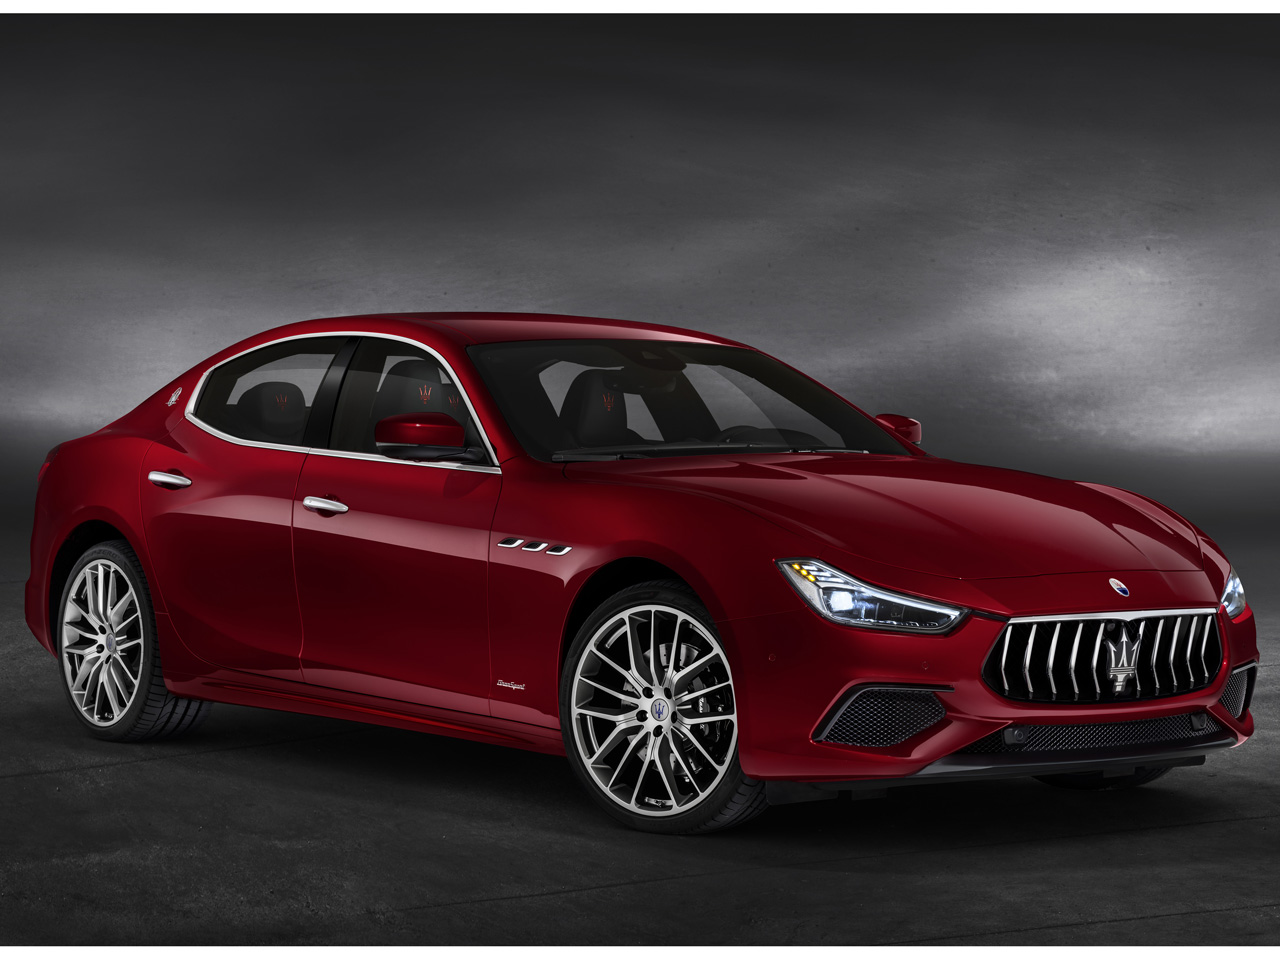 マセラティ ギブリ 2013年モデル 新車画像